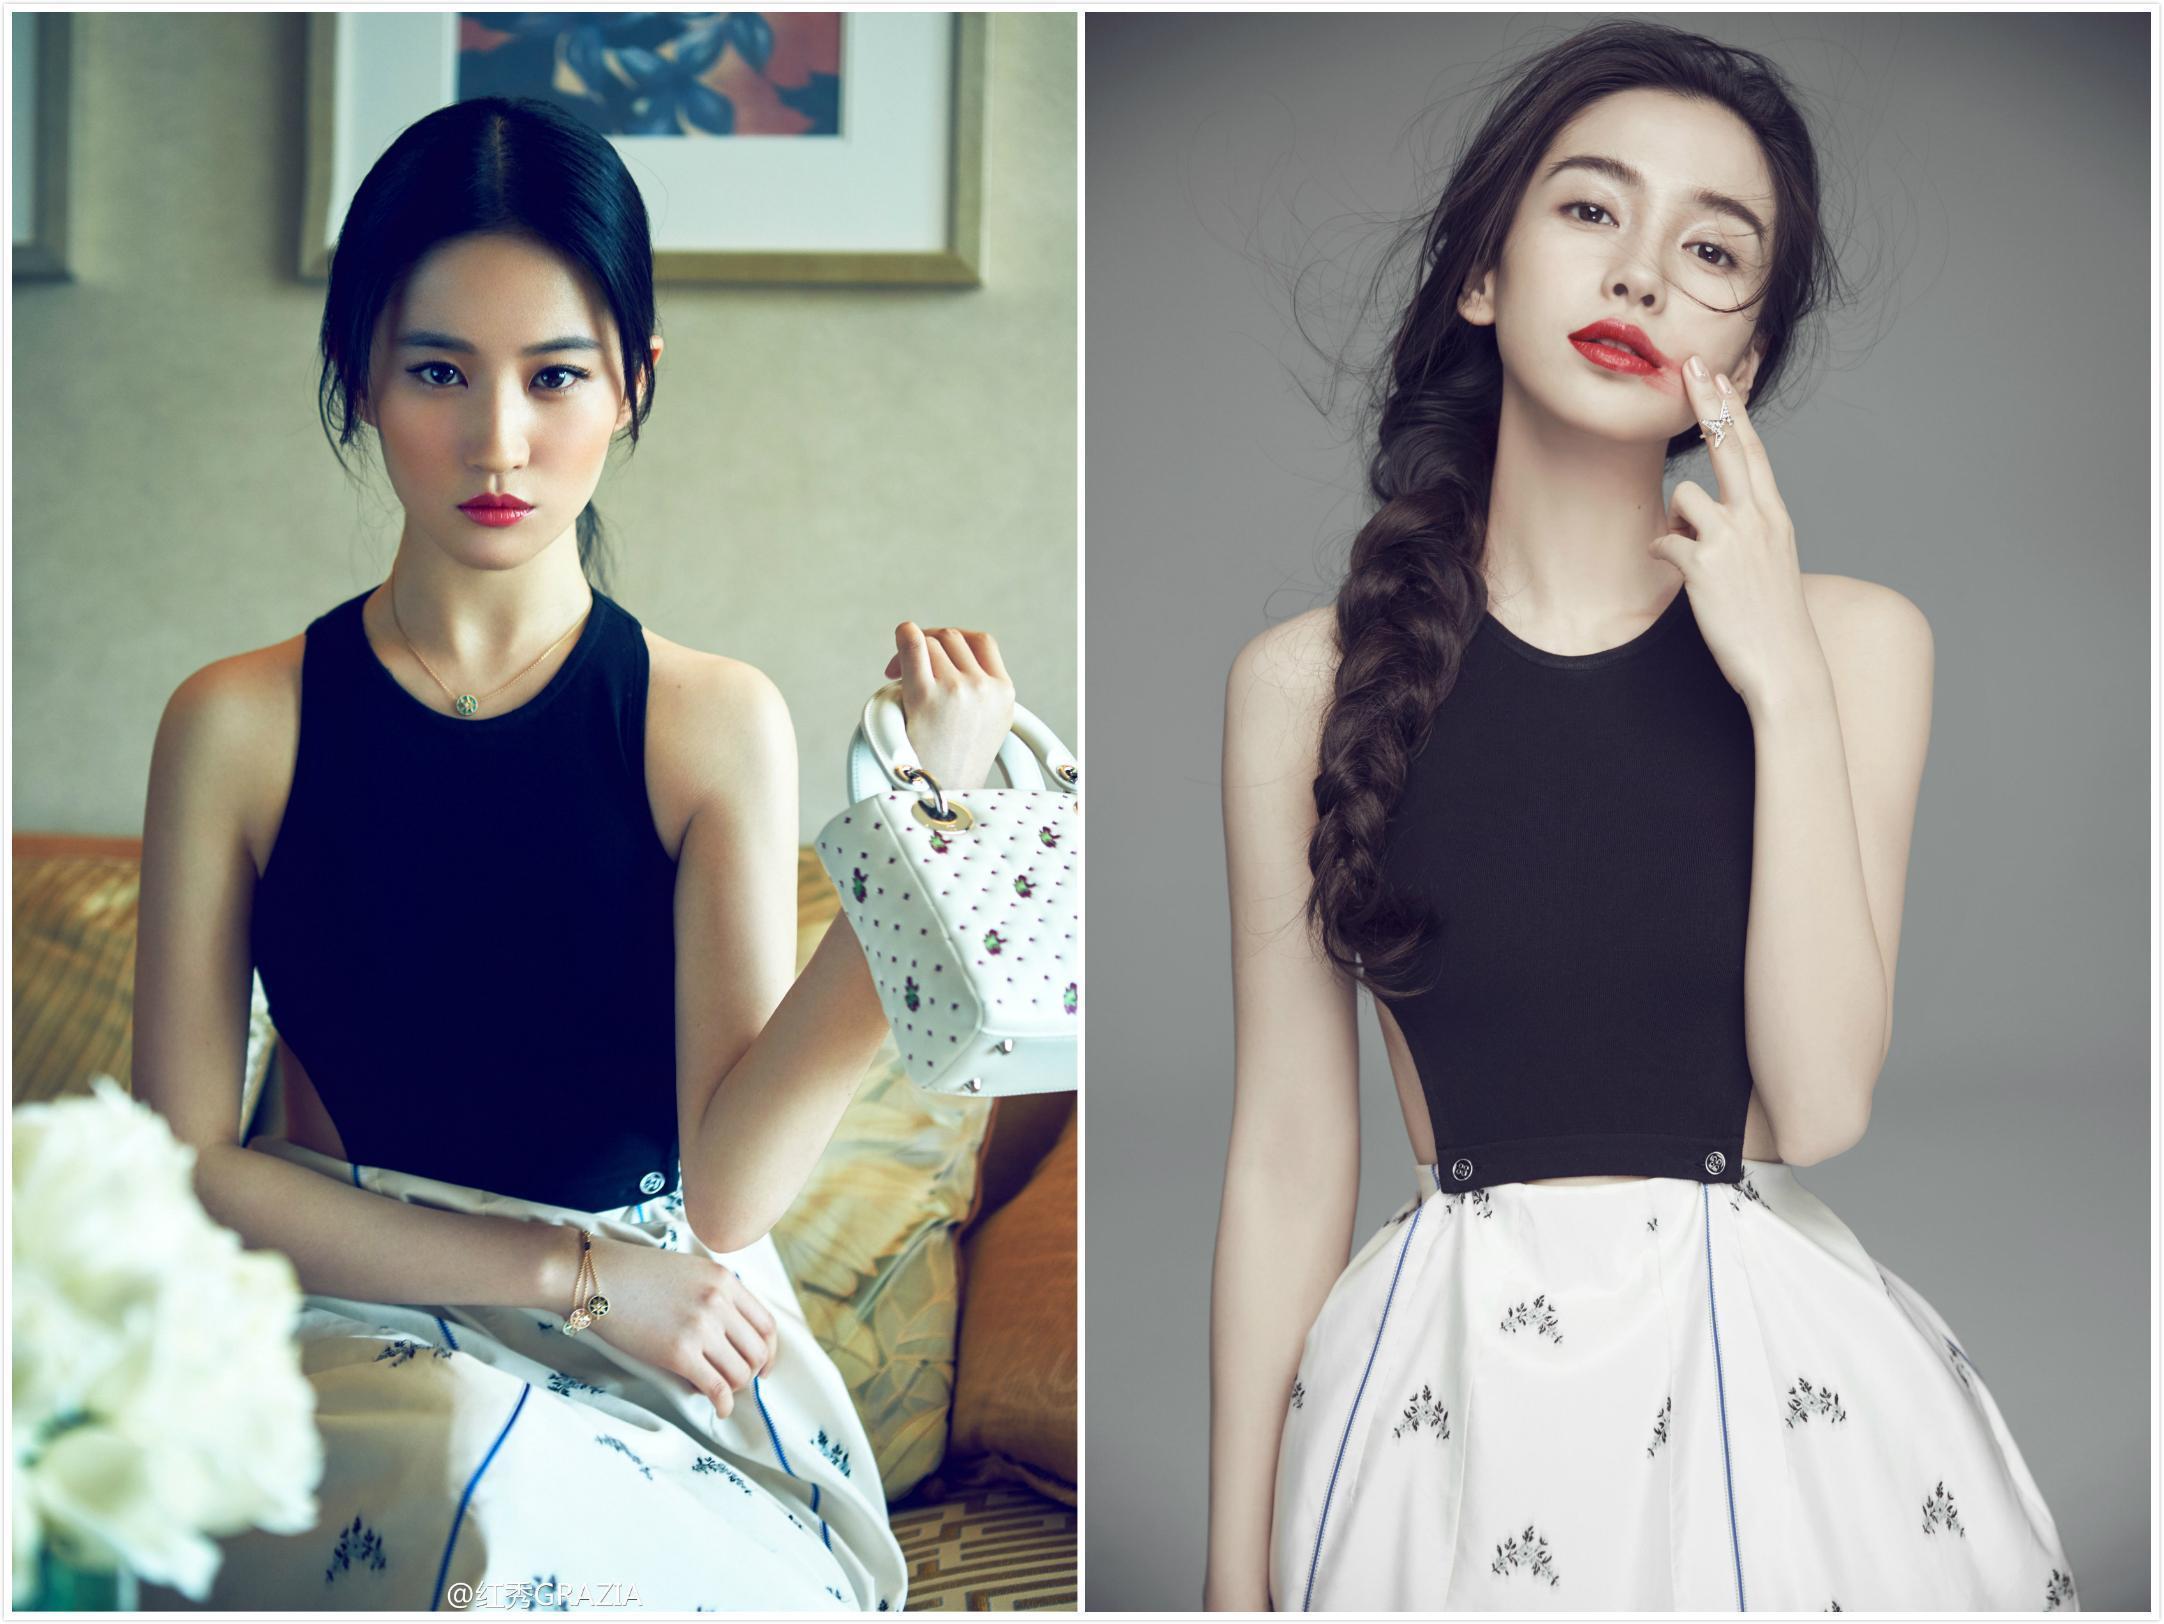 刘亦菲、baby撞衫5条Dior裙子!baby赢在骨架,刘亦菲只能靠肤色了-第2张图片